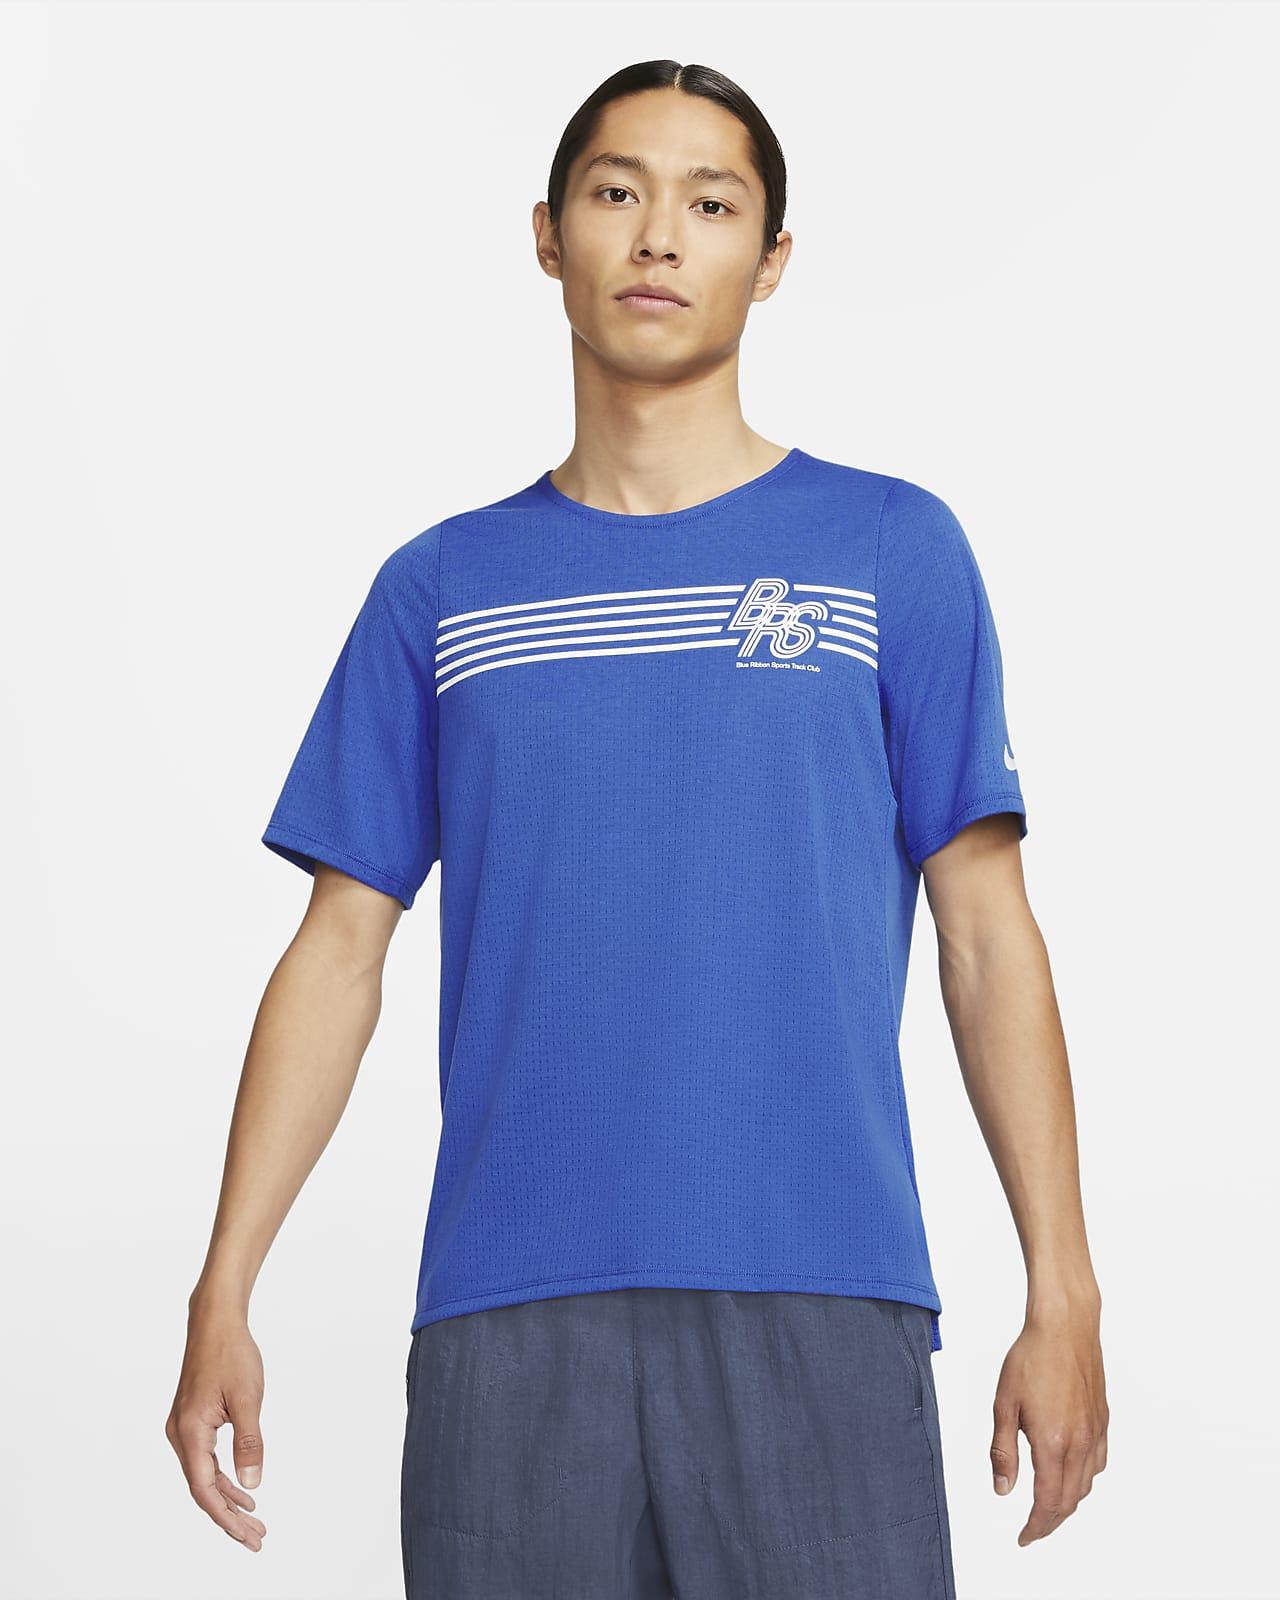 เสื้อวิ่งแขนสั้นผู้ชาย Nike Rise 365 BRS